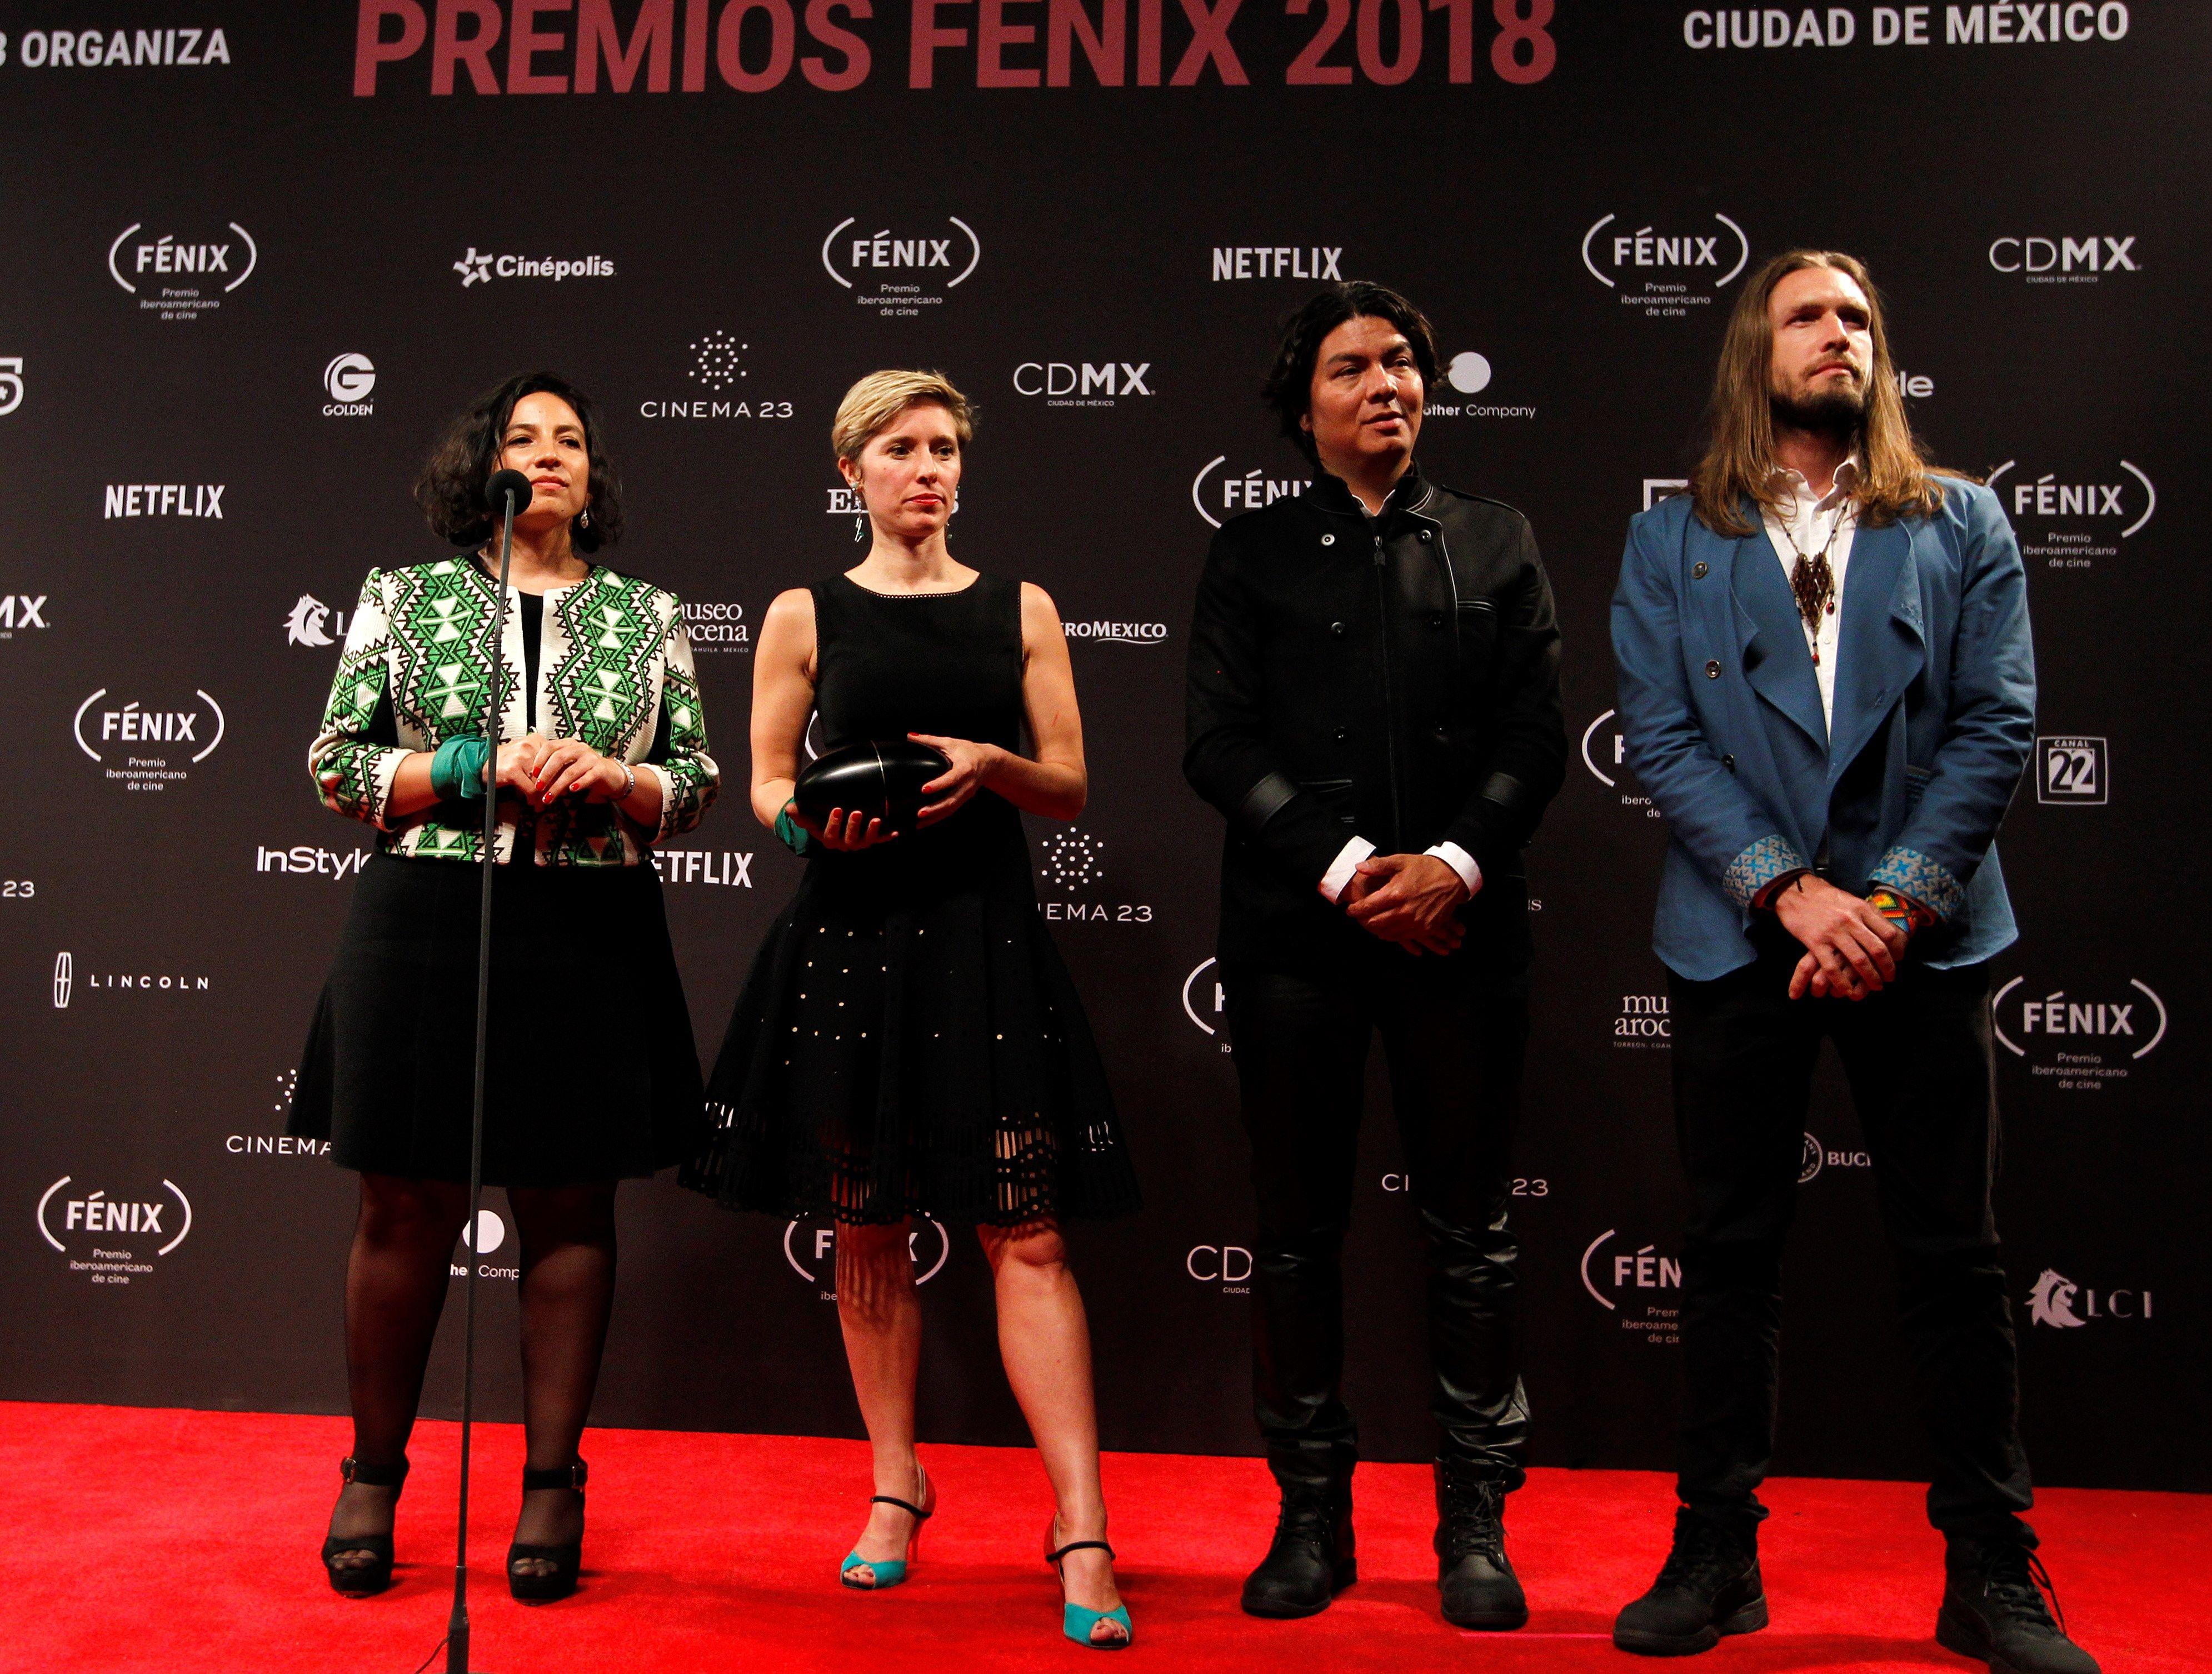 """Cristina Gallego, Katrin Pors, Carlos García y Sebastían Celis, de la película """"Pájaros de Verano"""", posan con el premio Fénix. (EFE/Mario Guzmán)"""